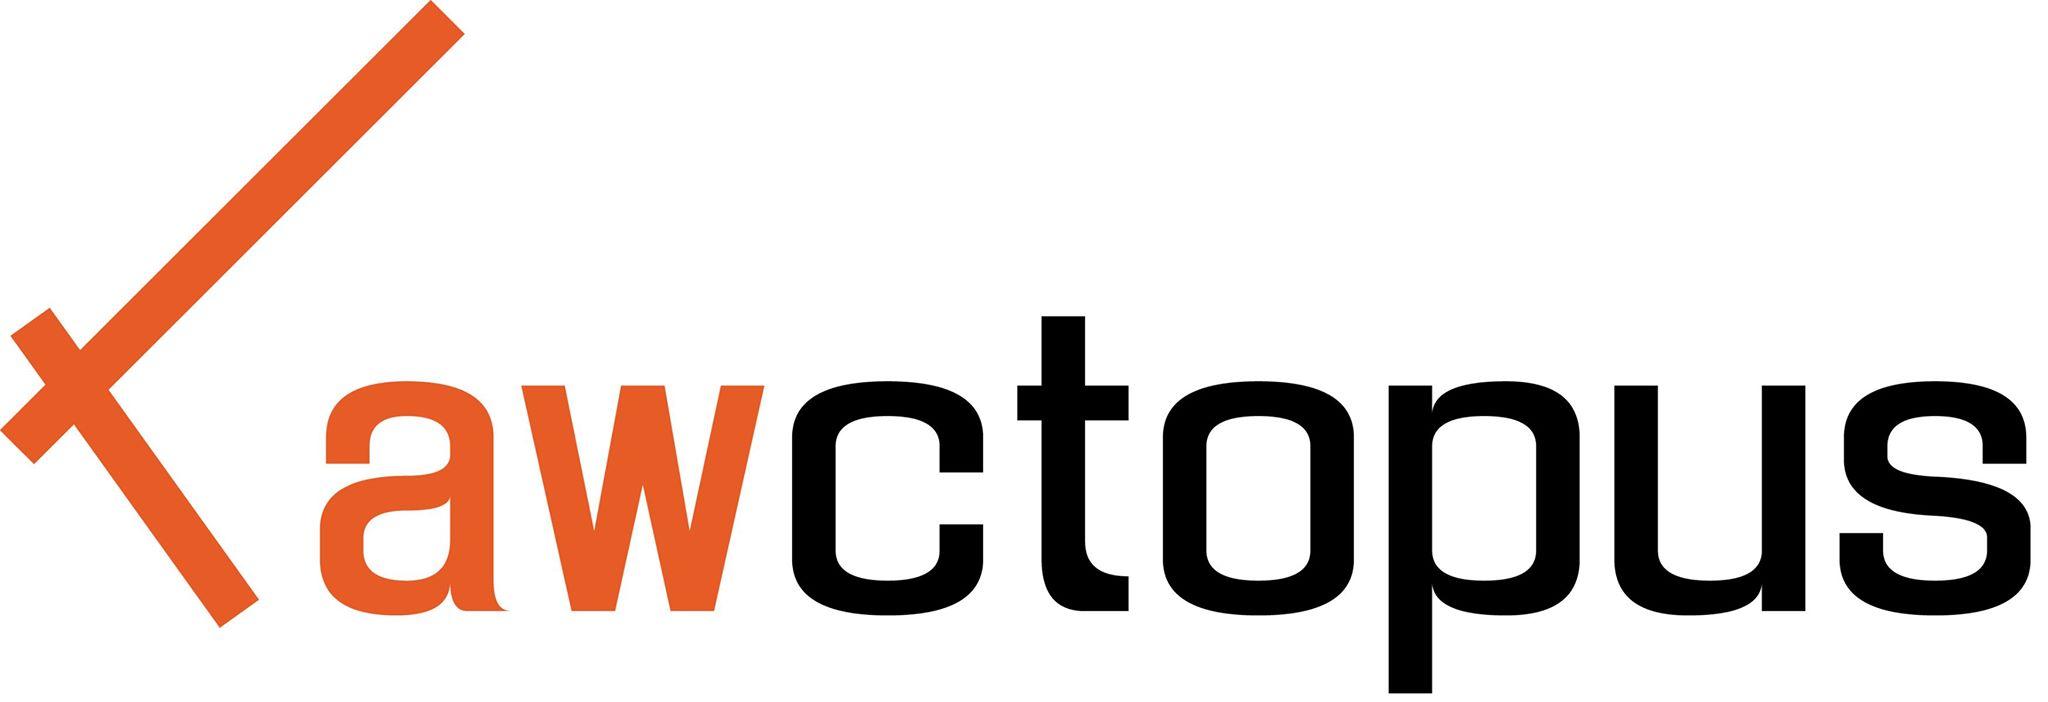 Lawctopus logo